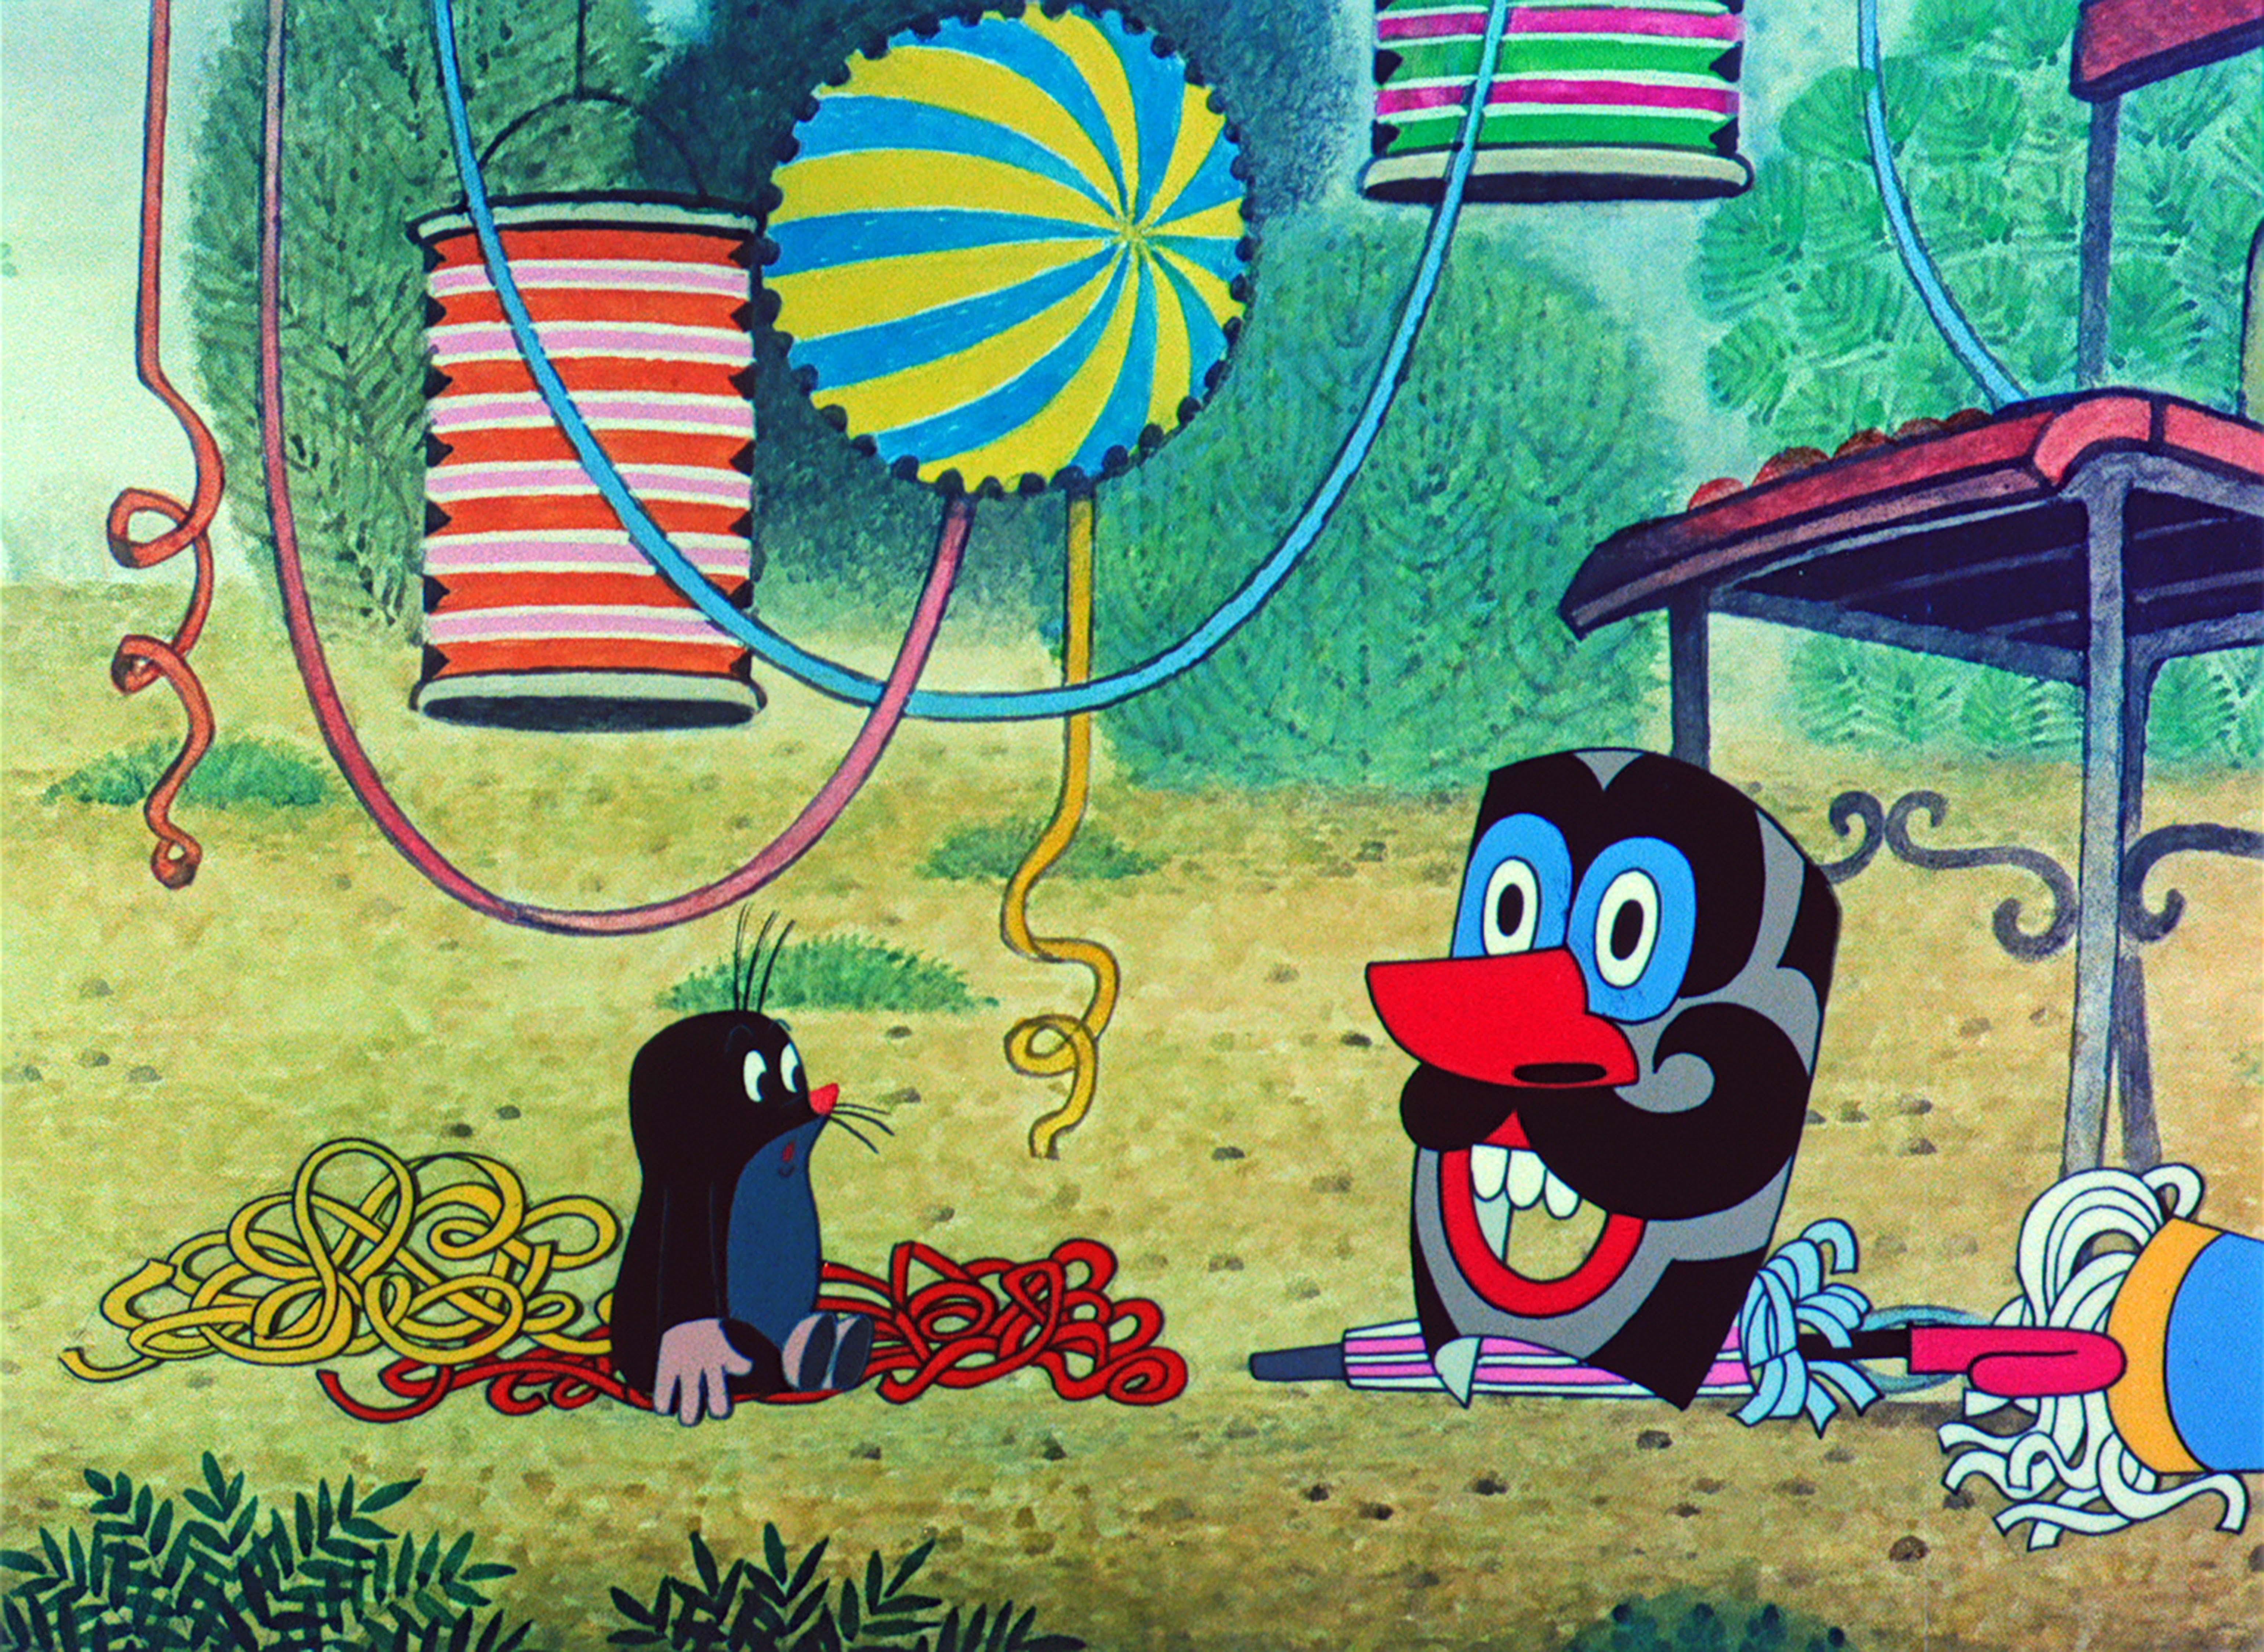 « La Petite Taupe » courts métrages d'animation tchèques réalisés par Zdenek Miler